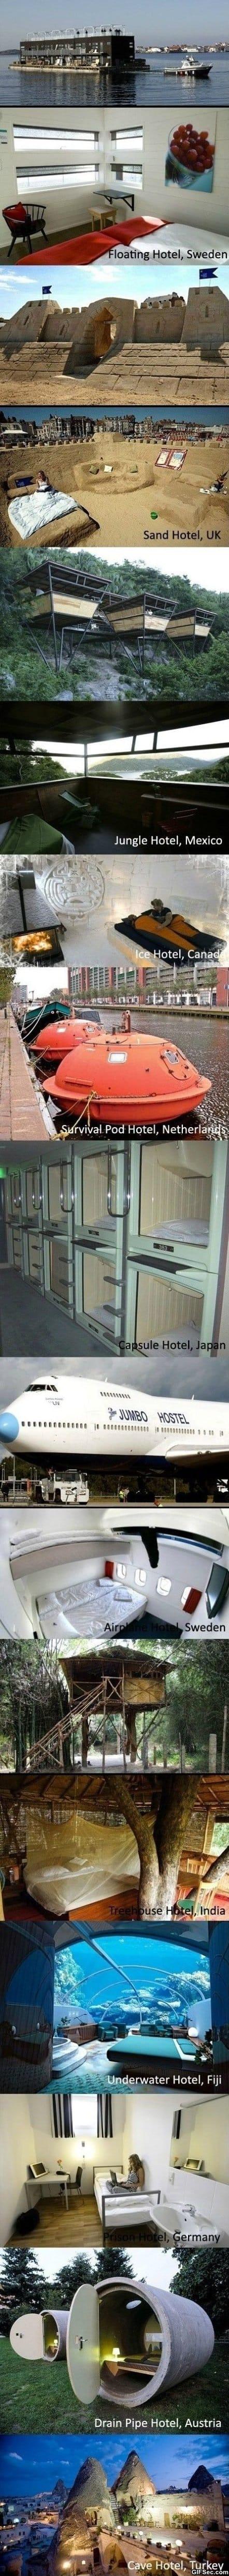 amazing-hotels